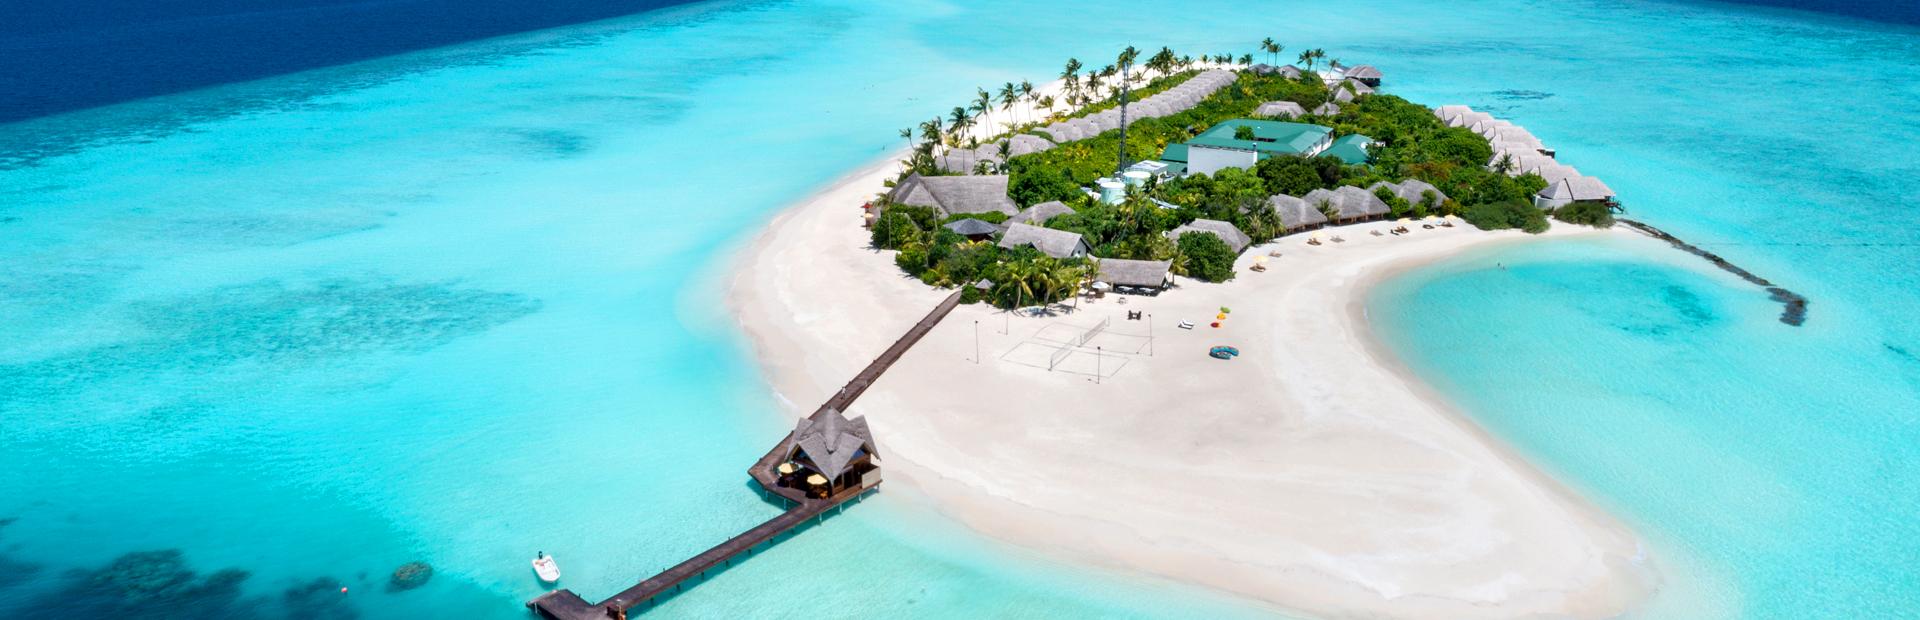 Best Maldives Resorts With Water Villas